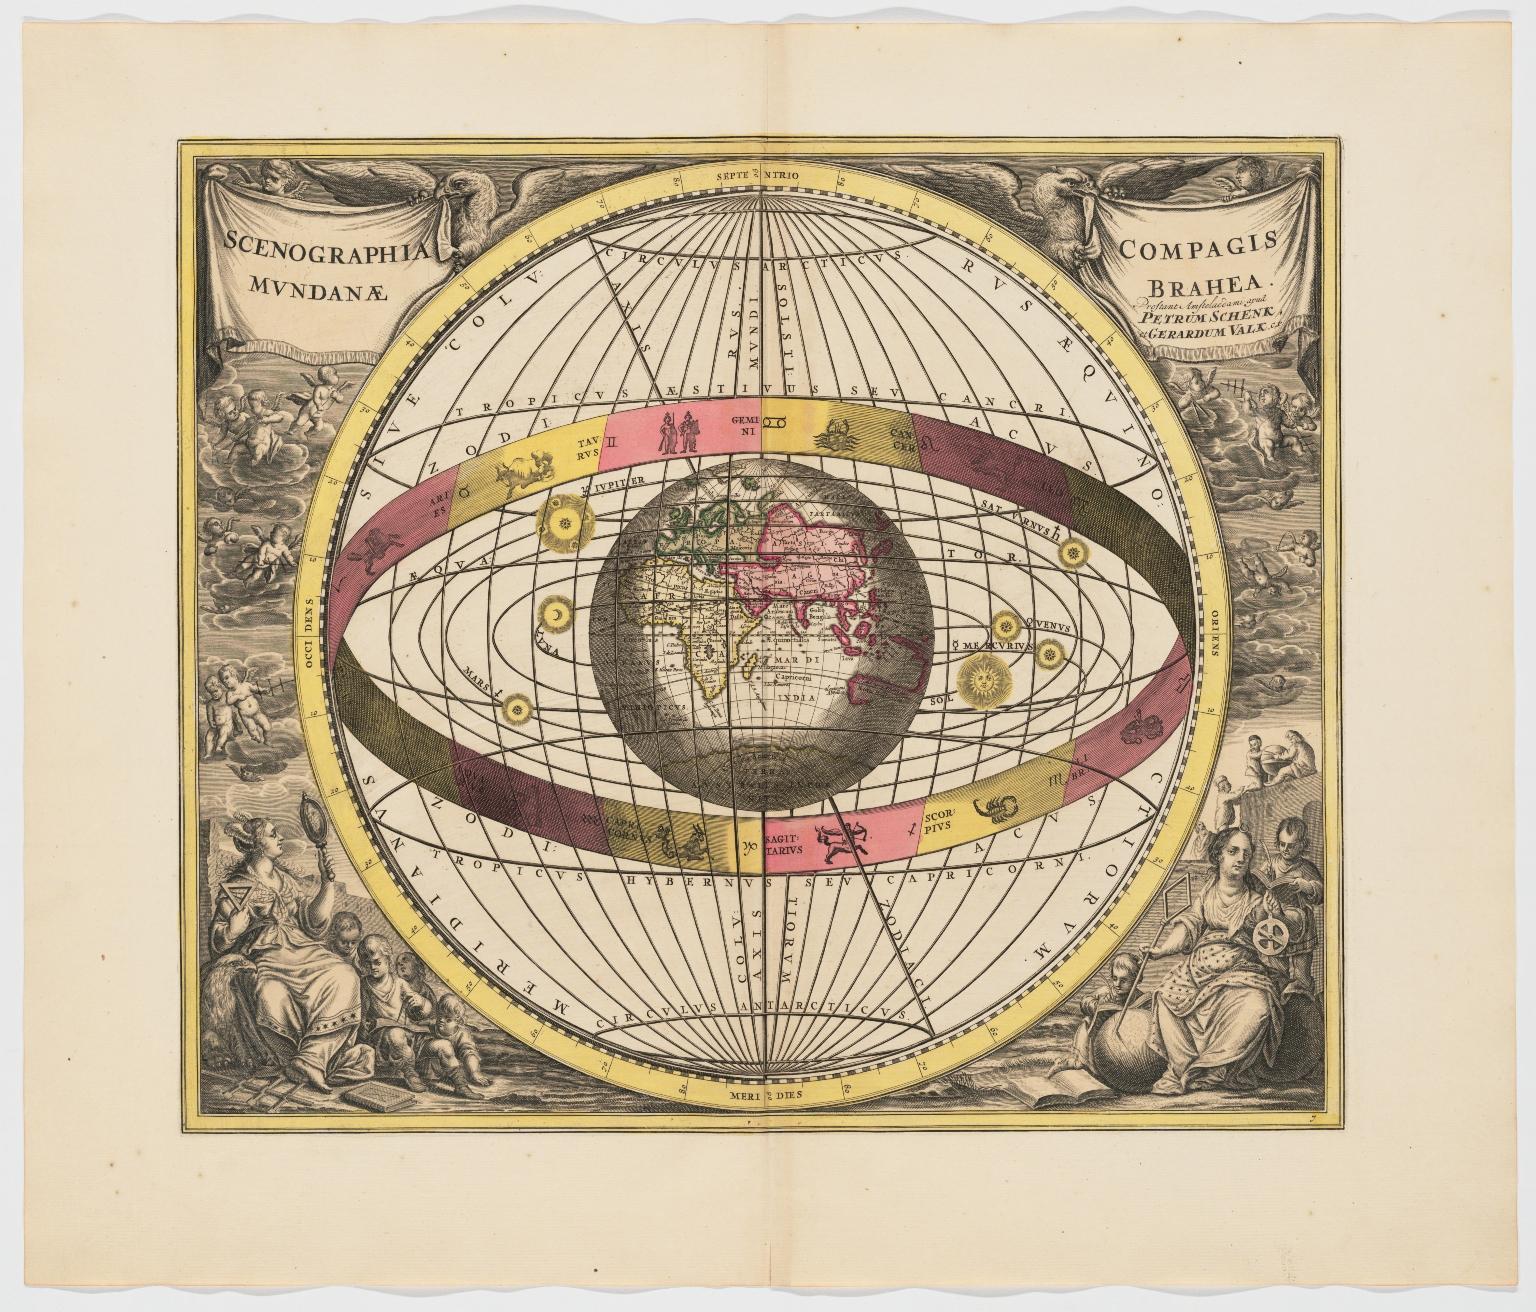 Scenographia compagis mundanae Brahea